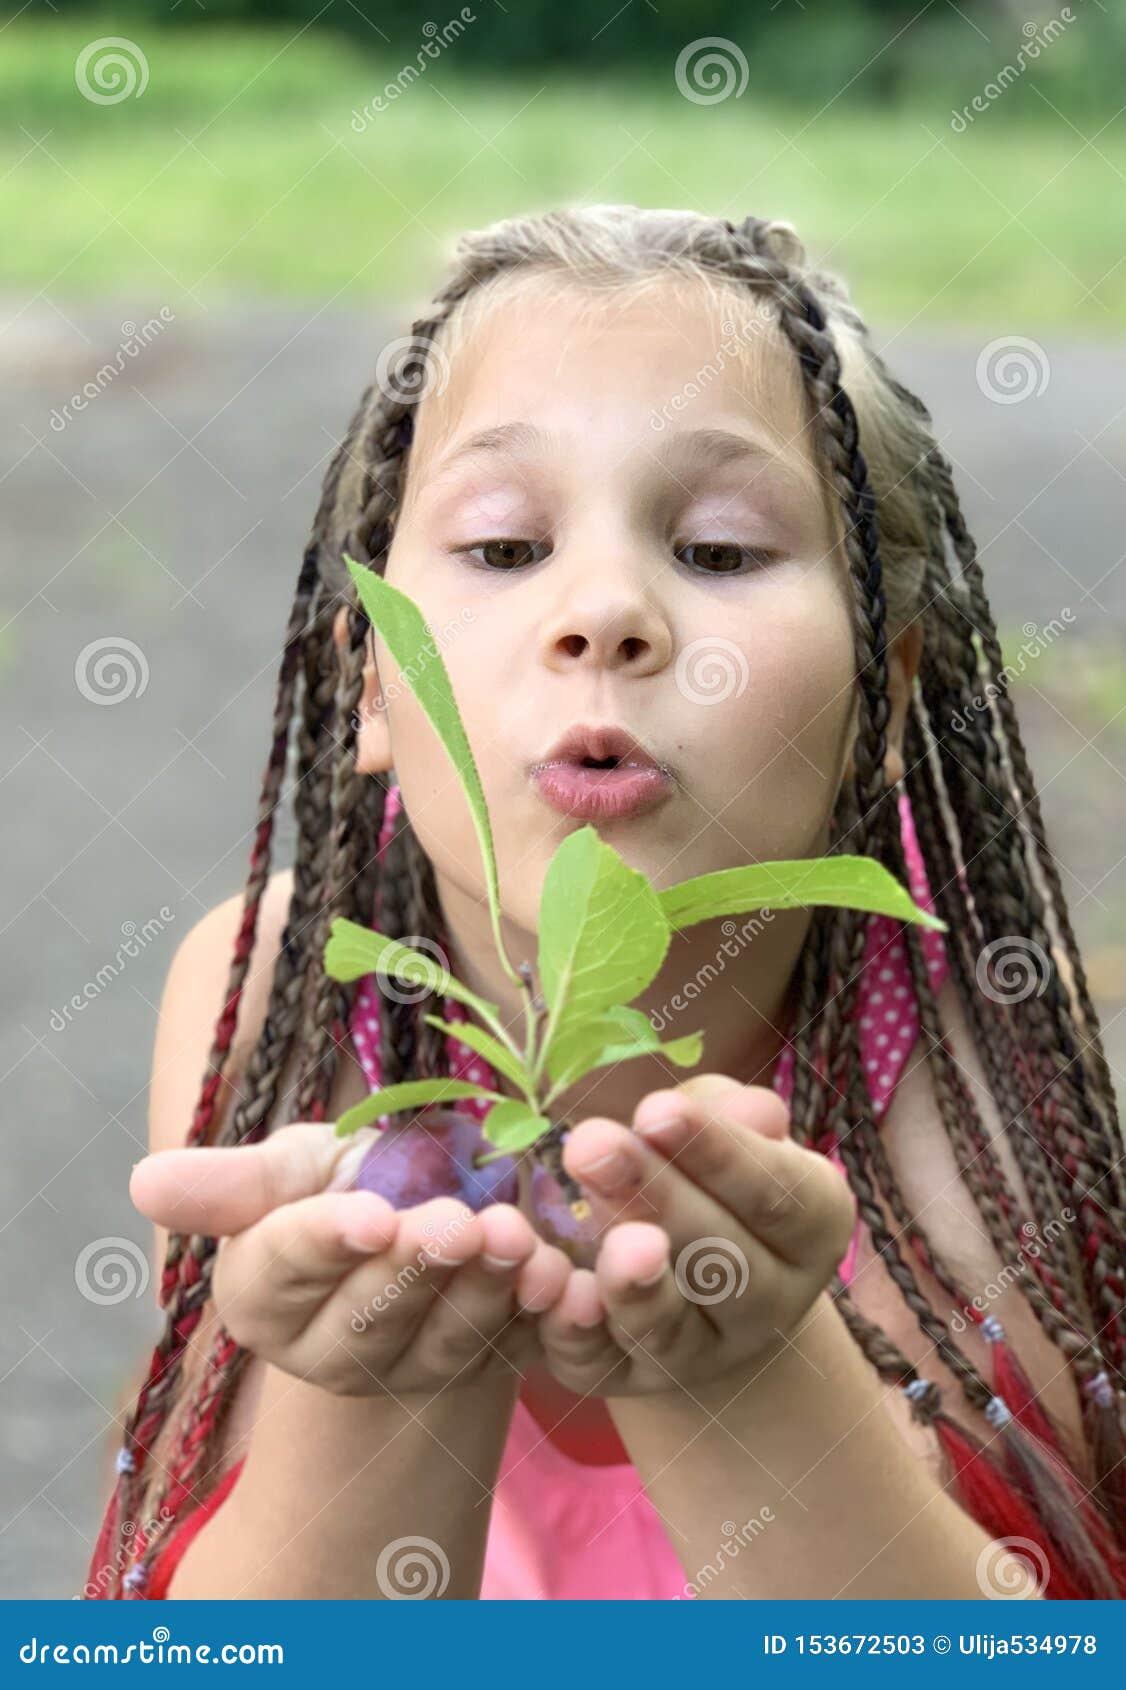 Delia concentr? Una muchacha con las coletas africanas come ciruelos